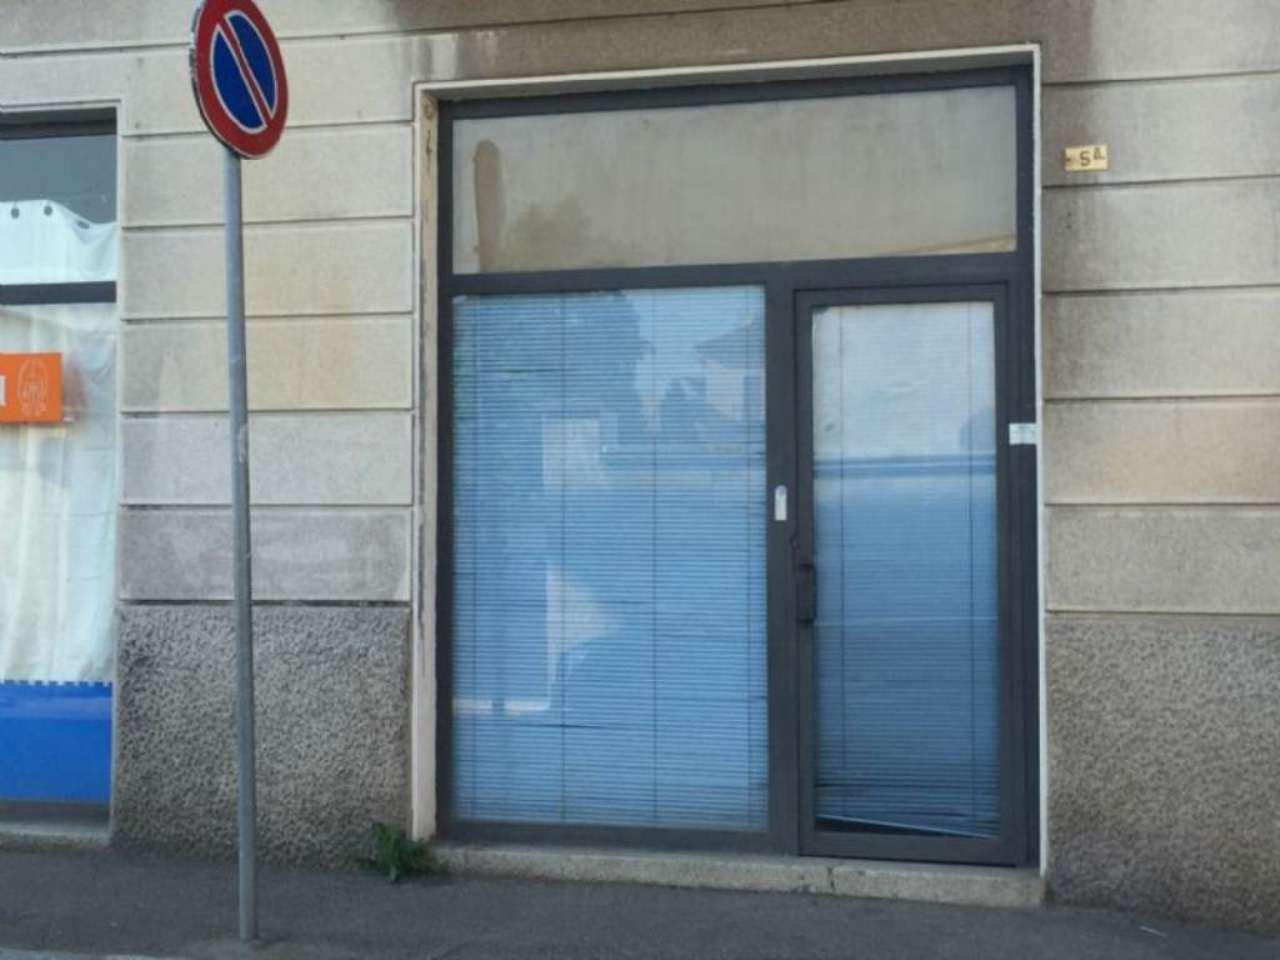 Negozio / Locale in vendita a Novara, 1 locali, prezzo € 60.000   CambioCasa.it